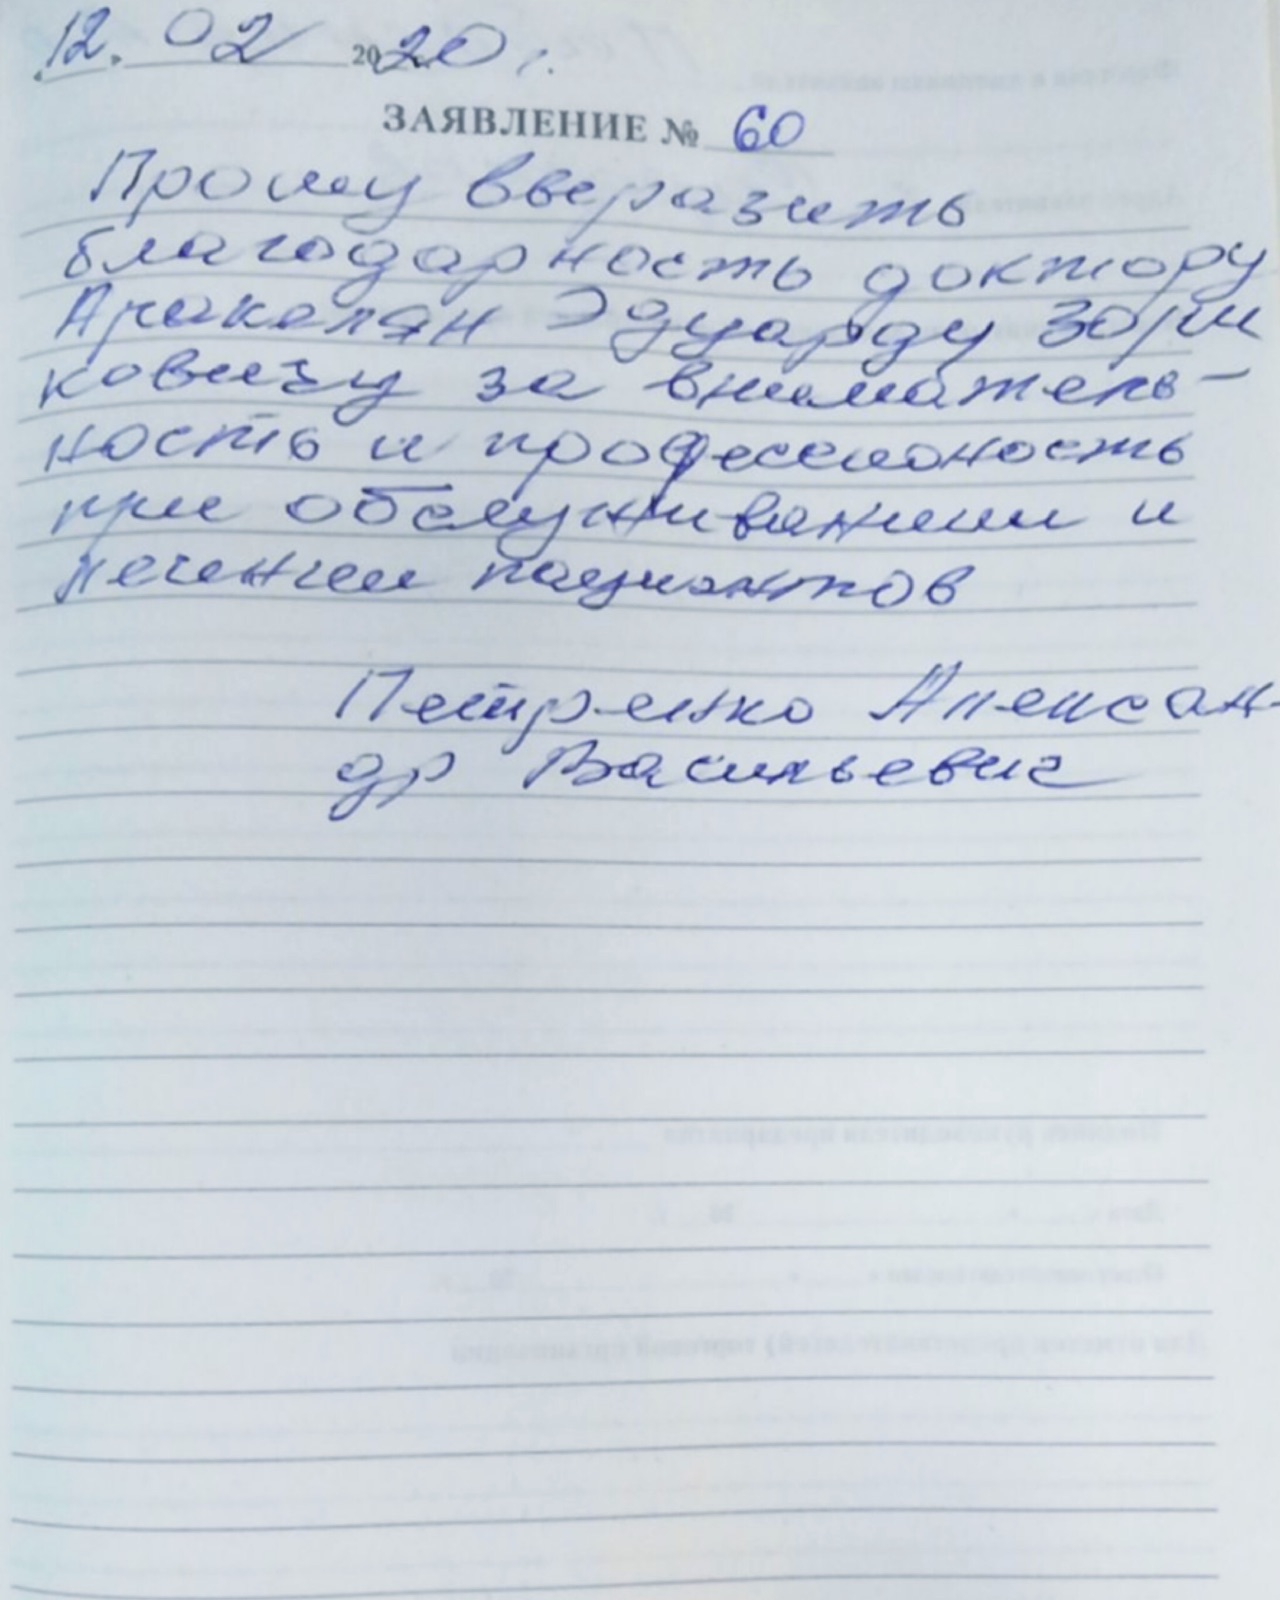 <em>Редактировать Отзыв</em> Александр Васильевич. Стоматология Фларт